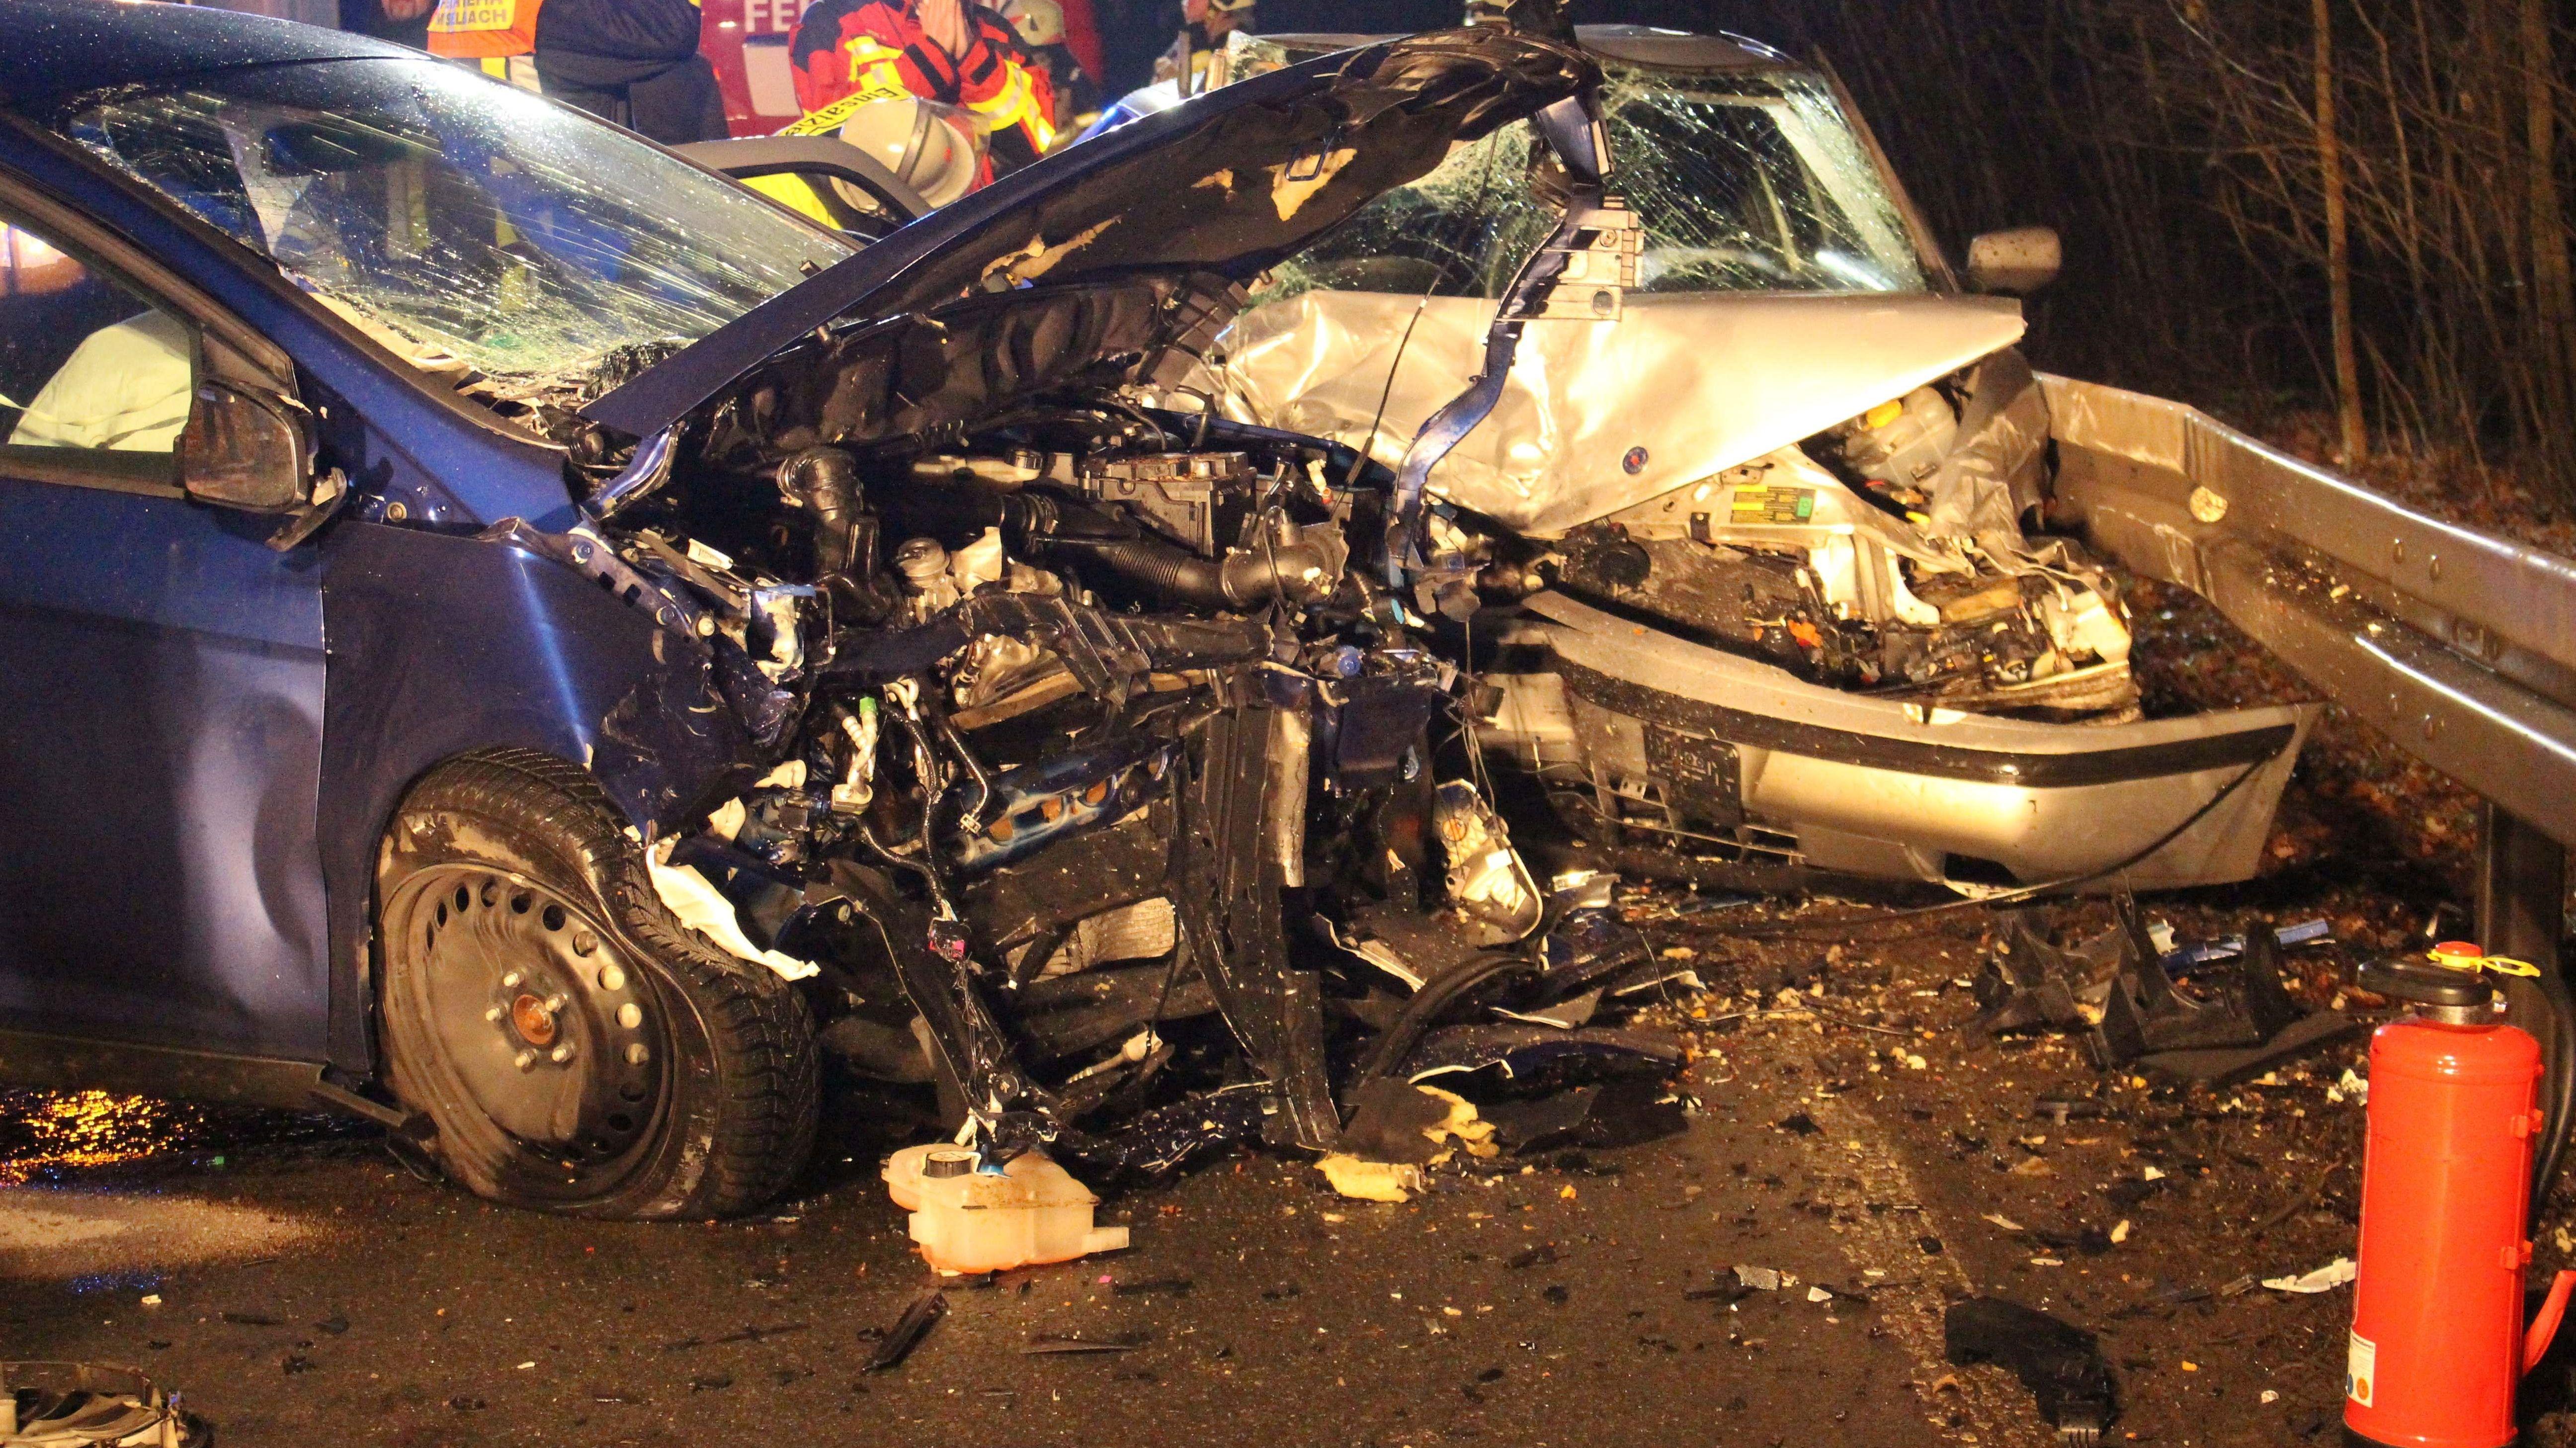 Zwei völlig demolierte Autos nach einem Frontalzusammenstoß.